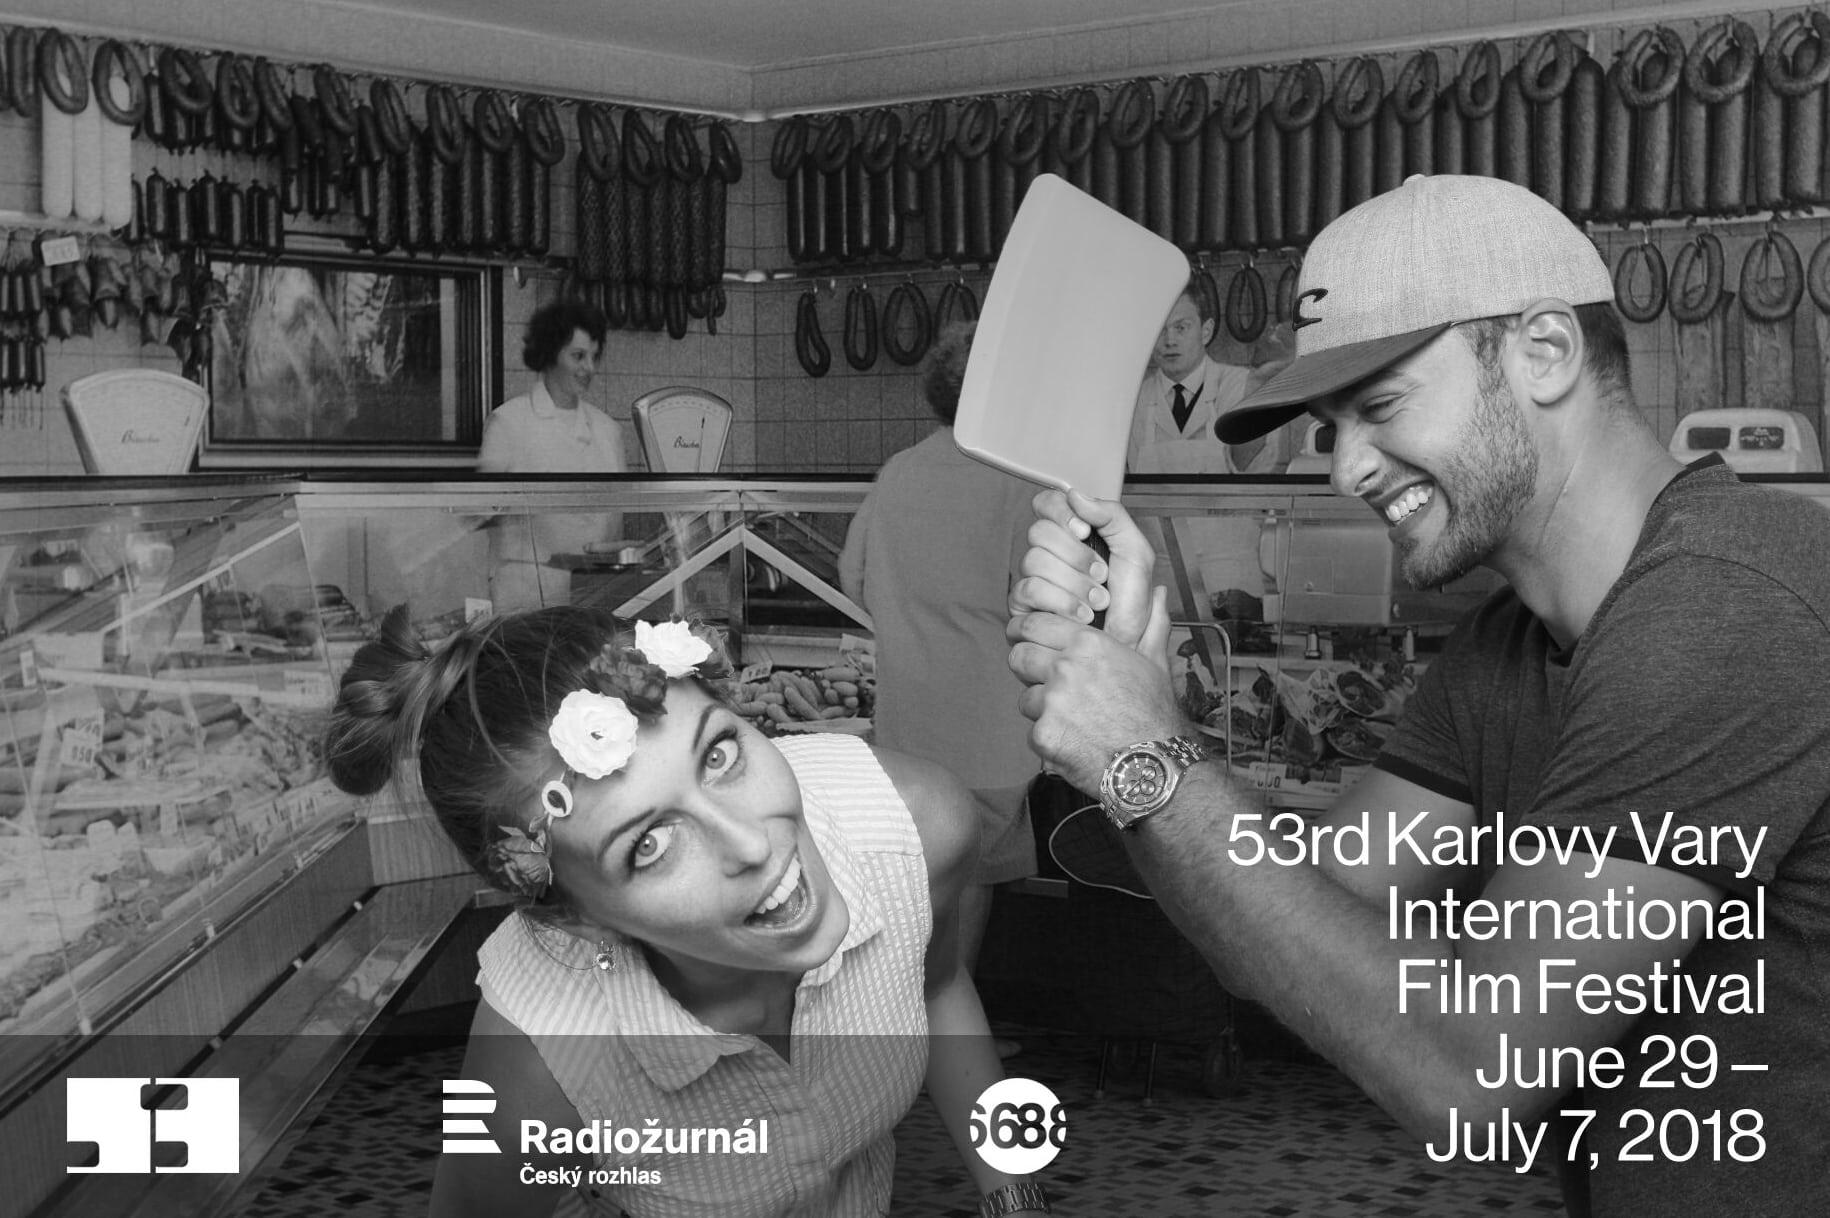 fotokoutek-radiozurnal-mff-kv-30-6-2018-448799